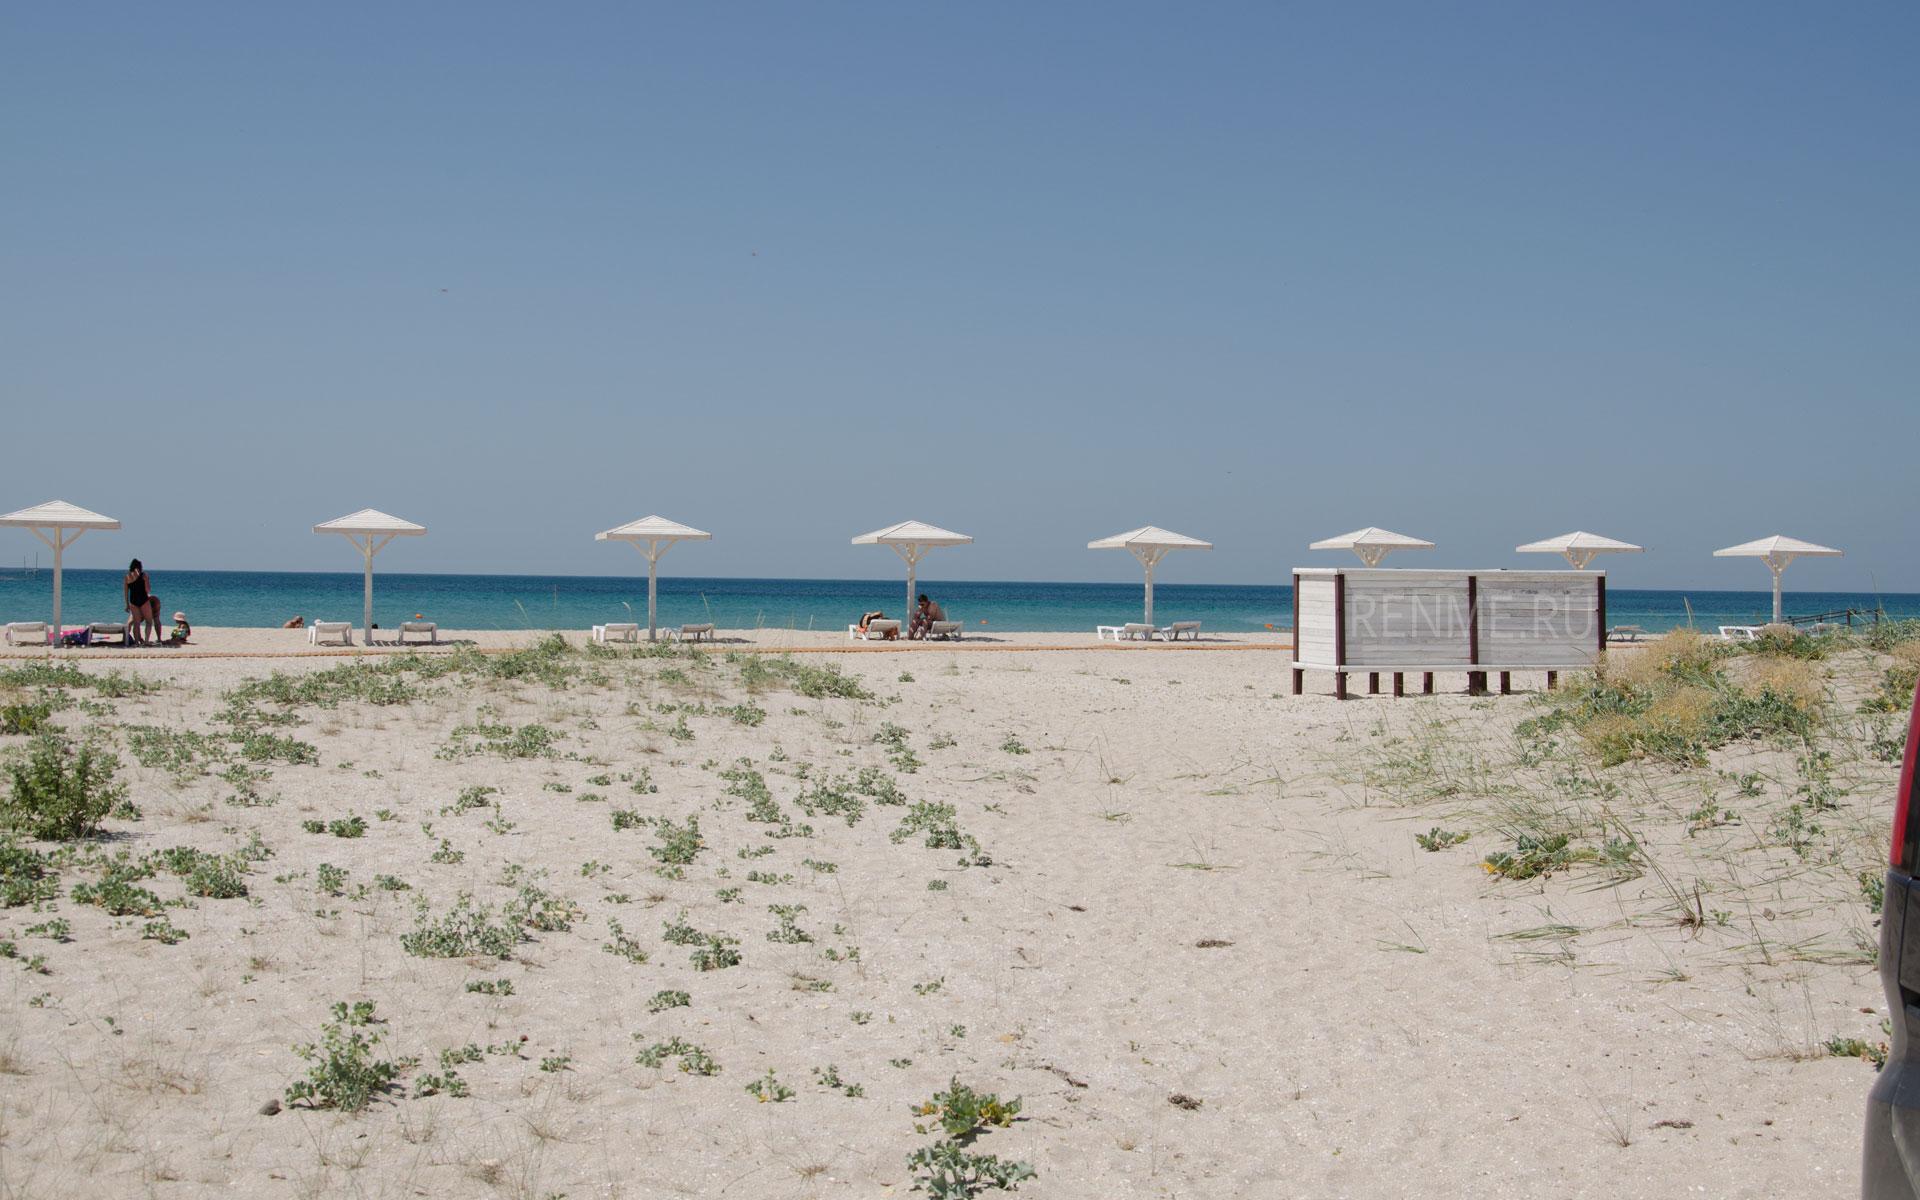 Песчаный пляж в бухте Караджа. Фото Оленевки